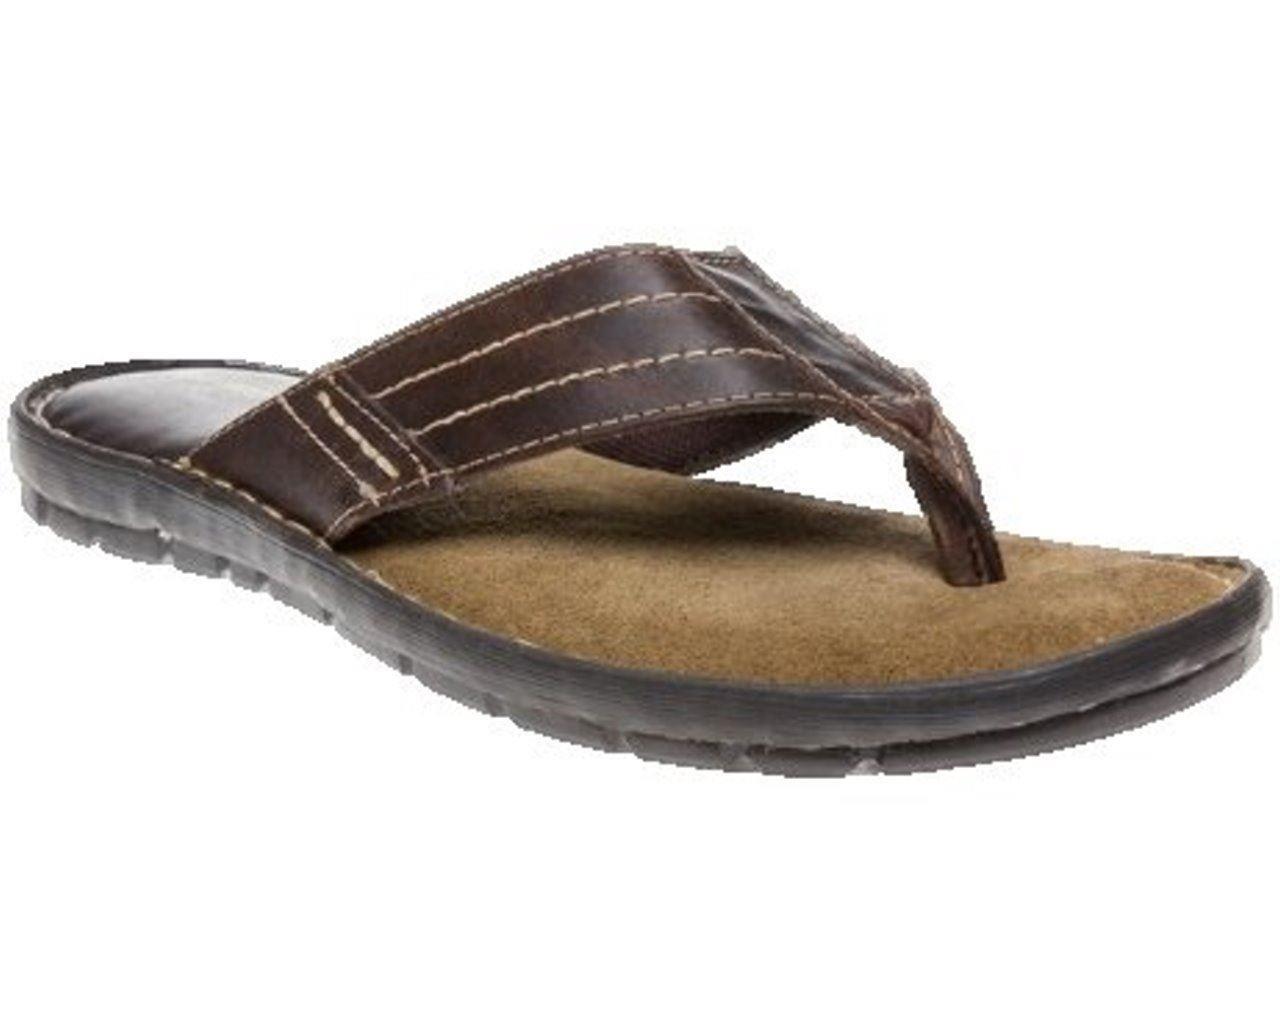 mens leather flip flop sandal shoe toe post size 7 8 9 10. Black Bedroom Furniture Sets. Home Design Ideas